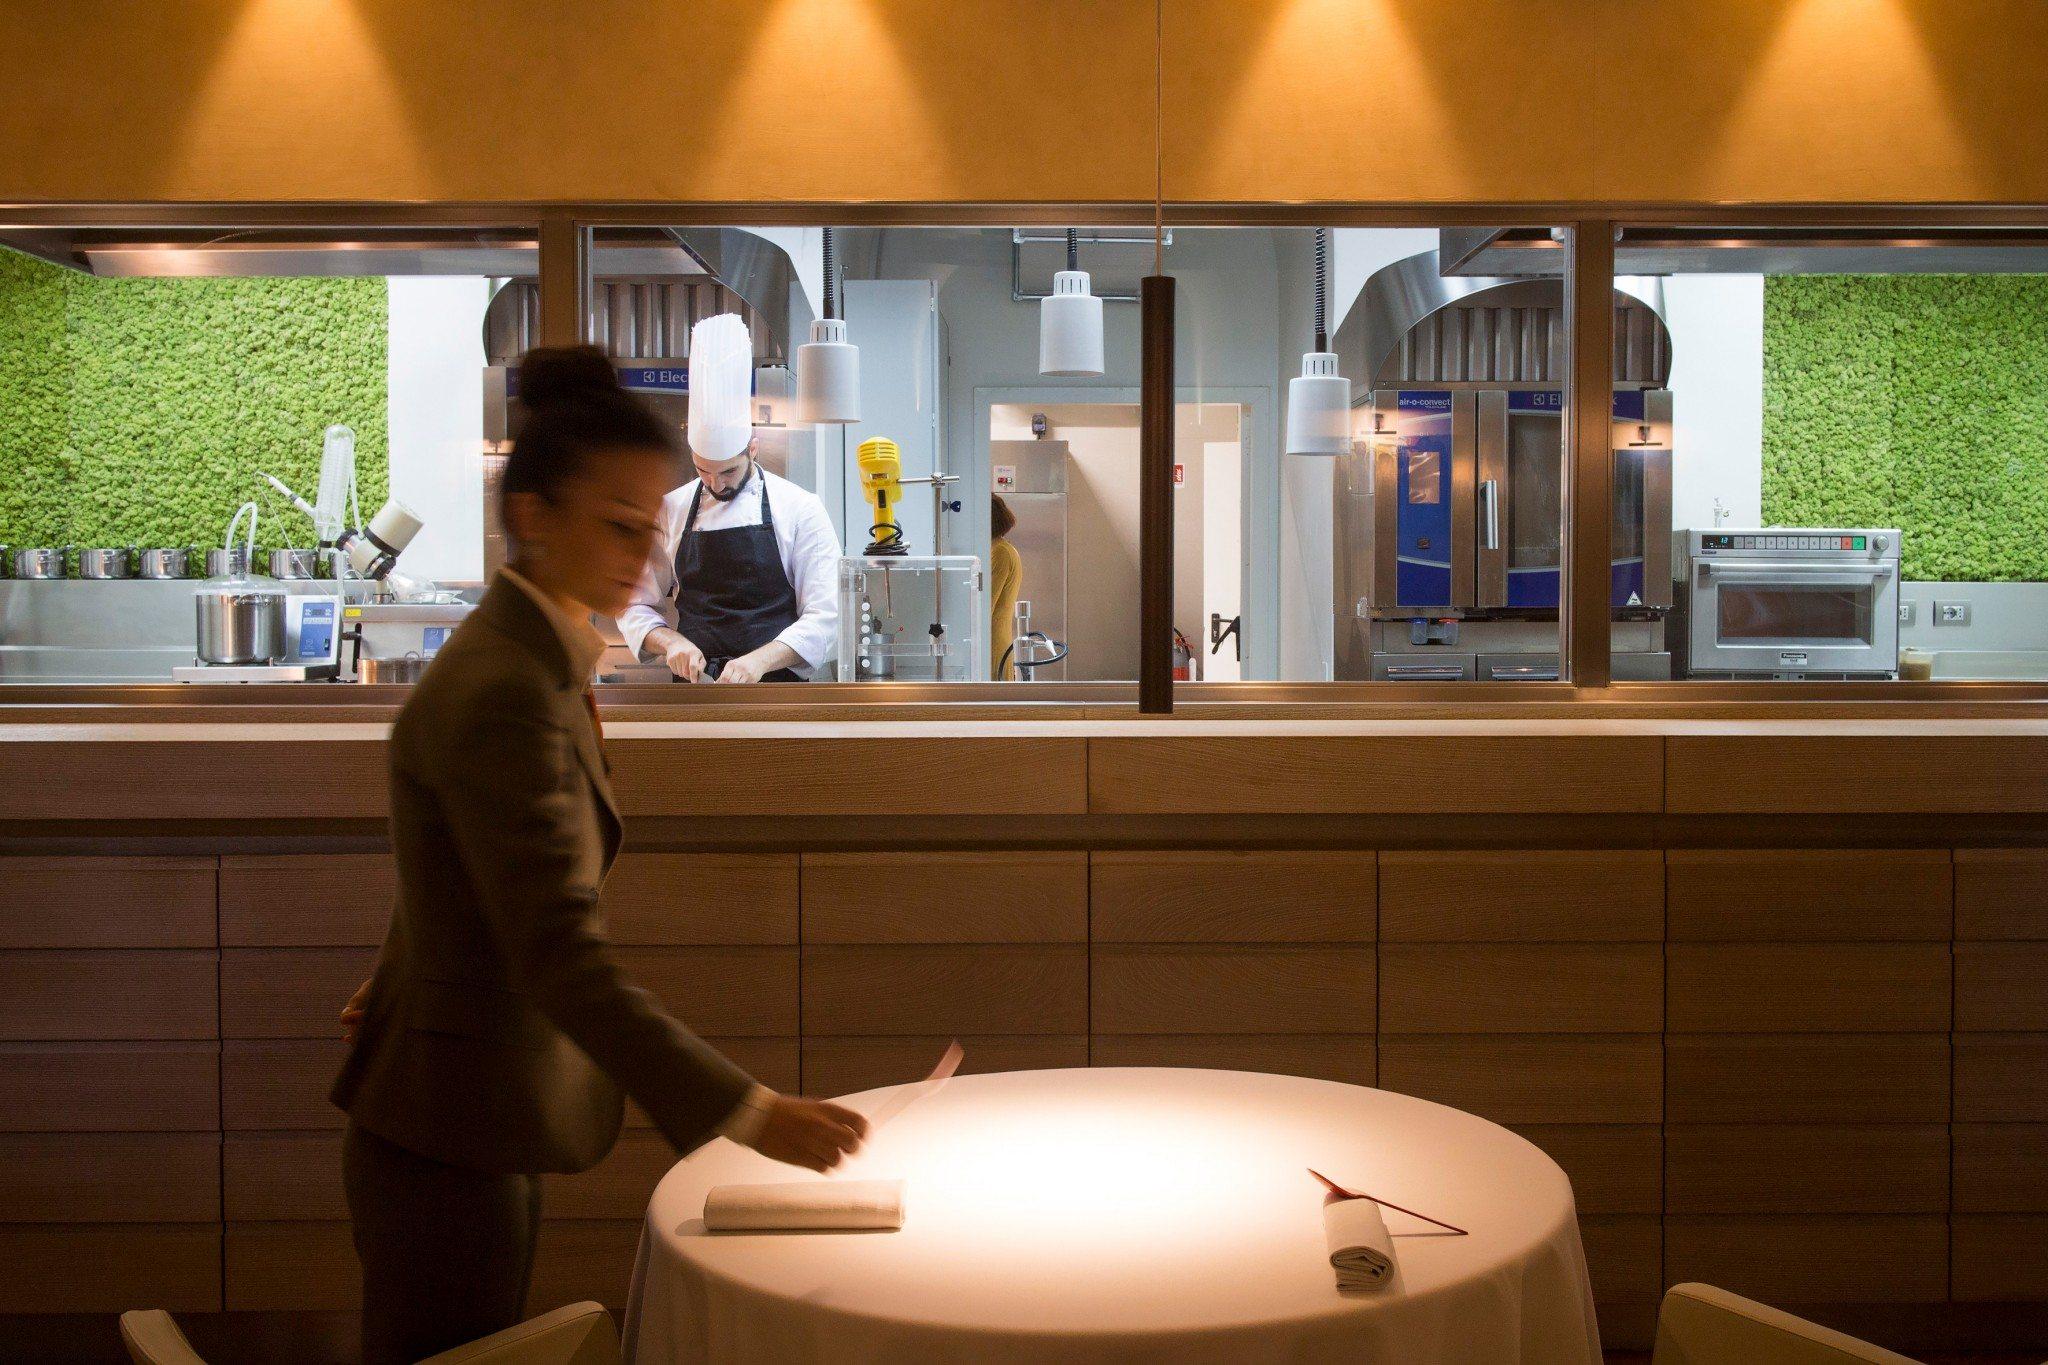 Atman di igles corelli tra i ristoranti pi belli d italia for Enormi isole di cucina